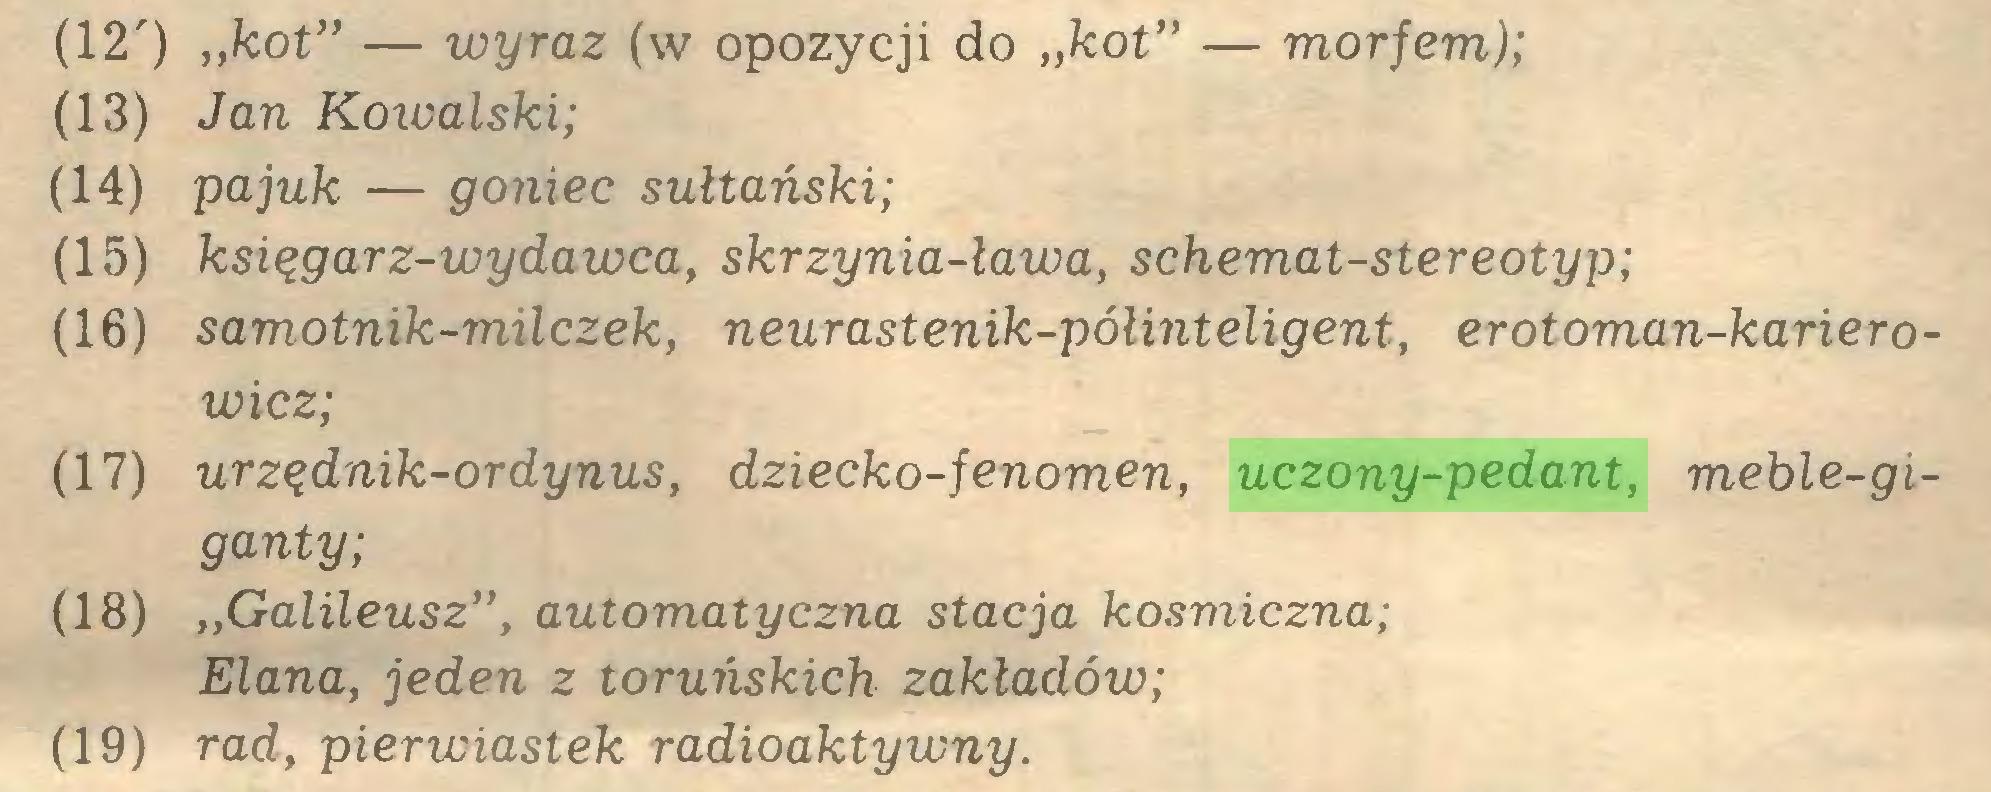 """(...) (12') """"kot"""" — wyraz (w opozycji do """"kot"""" — morfem); (13) Jan Koiualski; (14) pa juk — goniec sułtański; (15) księgarz-wydawca, skrzynia-ława, schemat-stereotyp; (16) samotnik-milczek, neurastenik-półinteligent, erotoman-karierowicz; (17) urzędnik-ordynus, dziecko-fenomen, uczony-pedant, meble-giganty; (18) """"Galileusz"""", automatyczna stacja kosmiczna; Elana, jeden z toruńskich zakładów; (19) rad, pierwiastek radioaktywny..."""